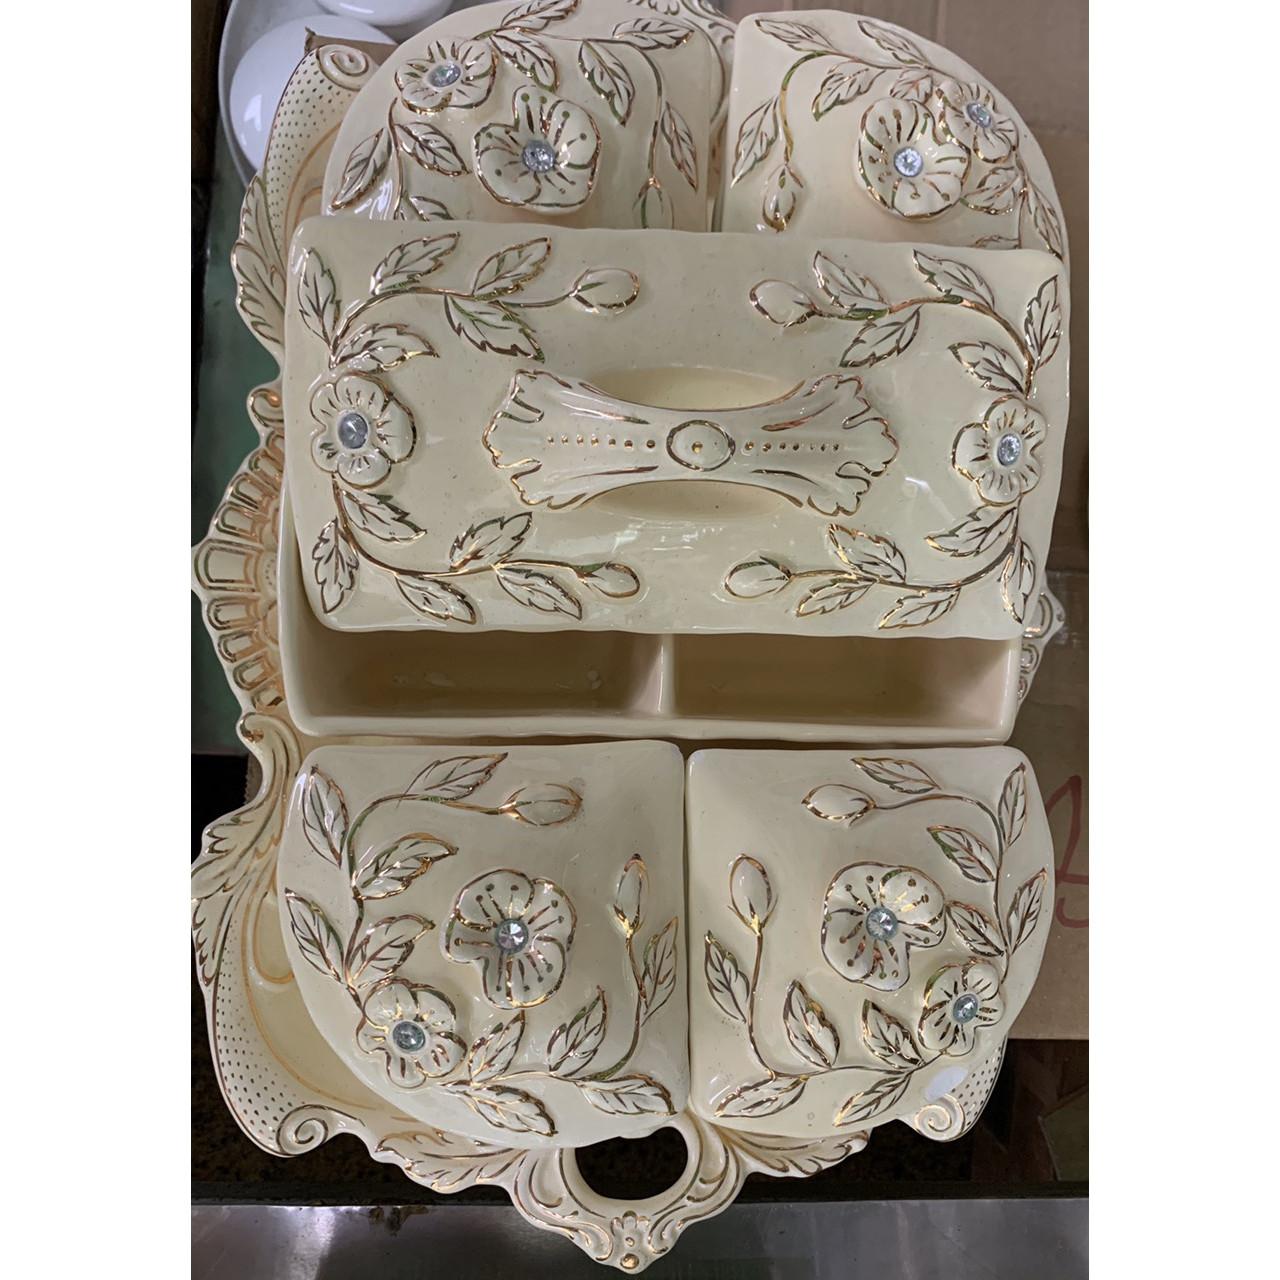 Khay đựng mứt tết bằng sứ cao cấp hình chữ nhật mang phong cách cổ điển hoàng gia